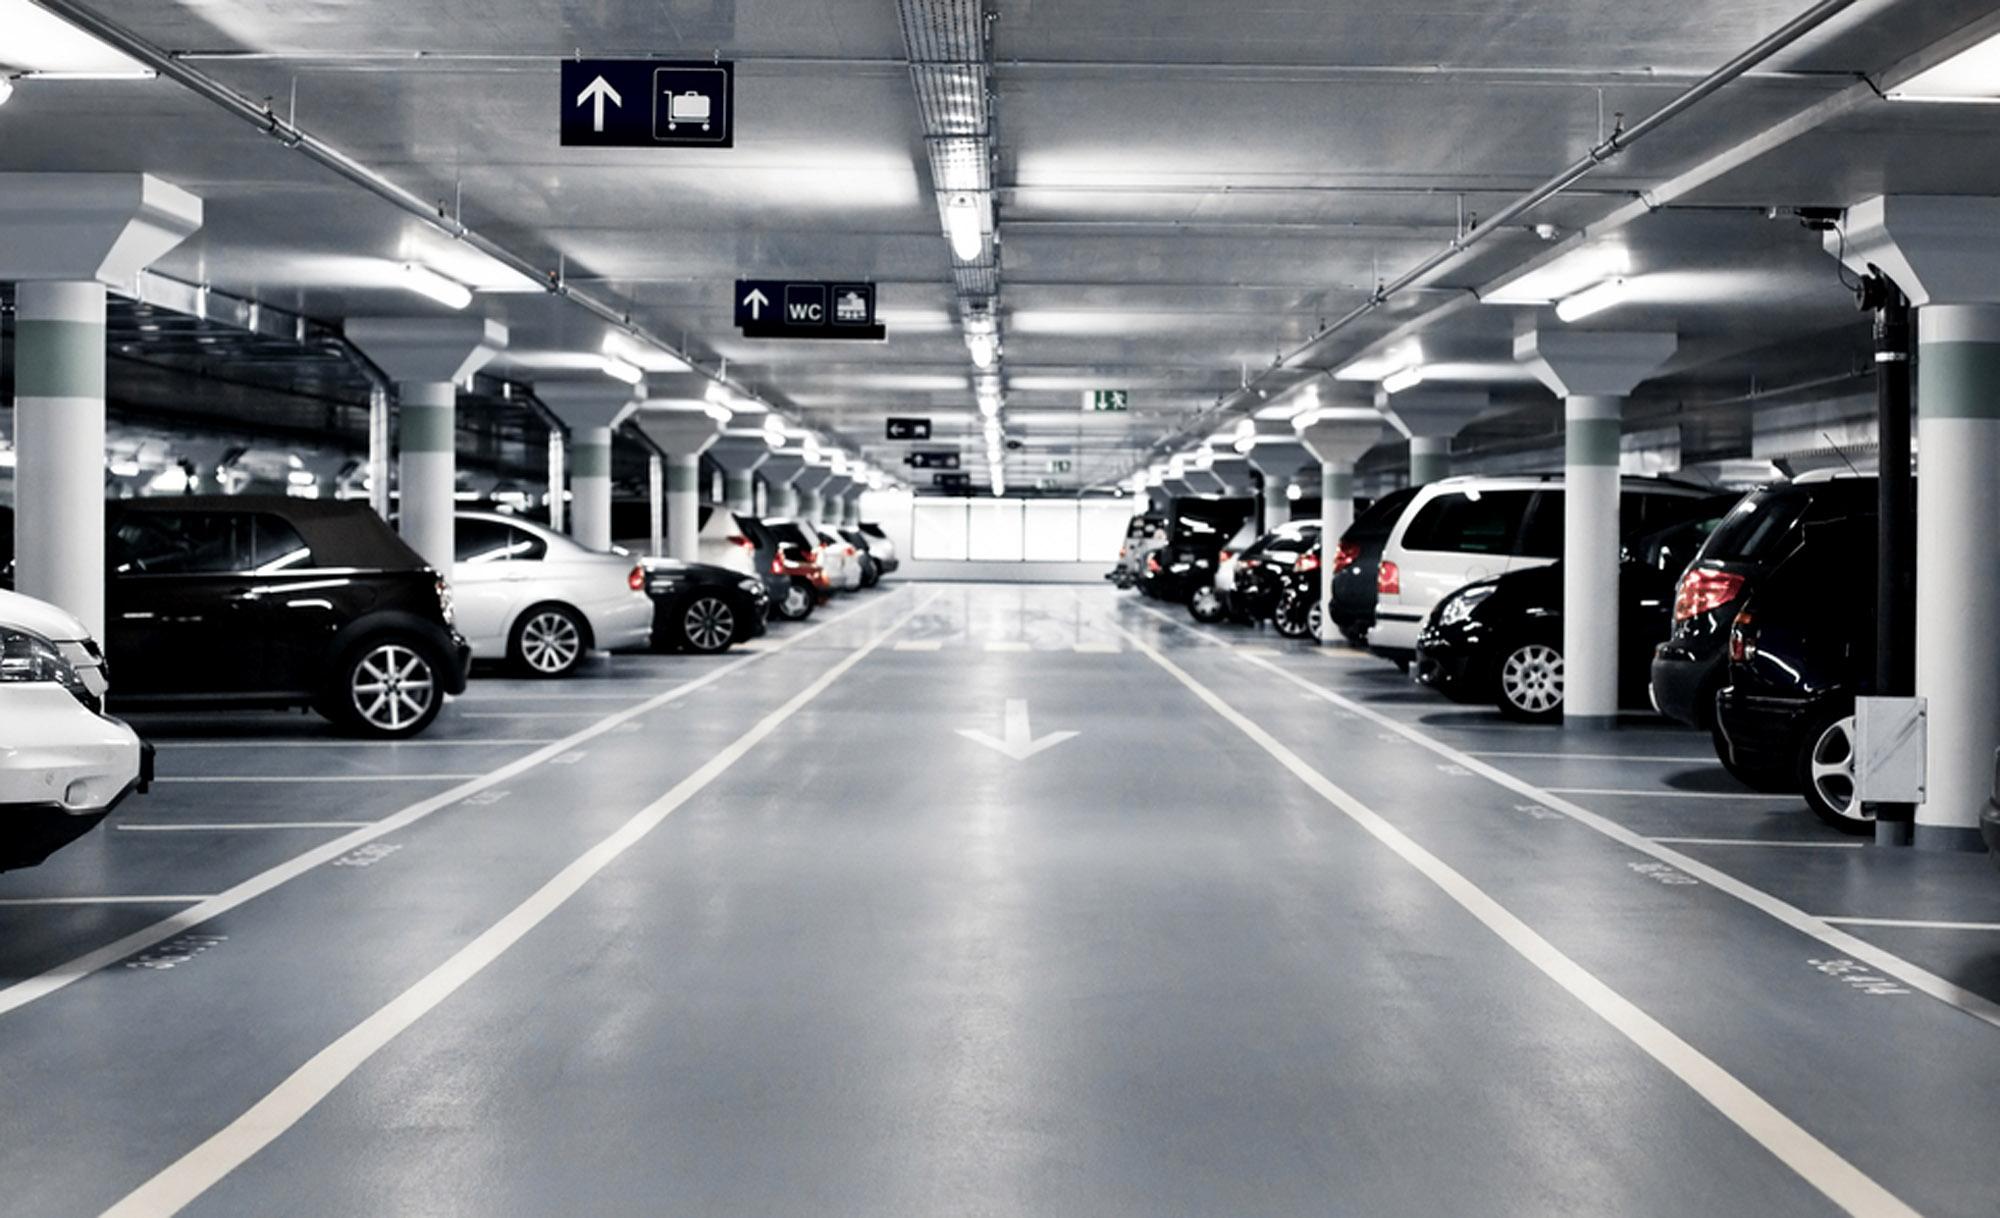 How Rent parking Benefits?